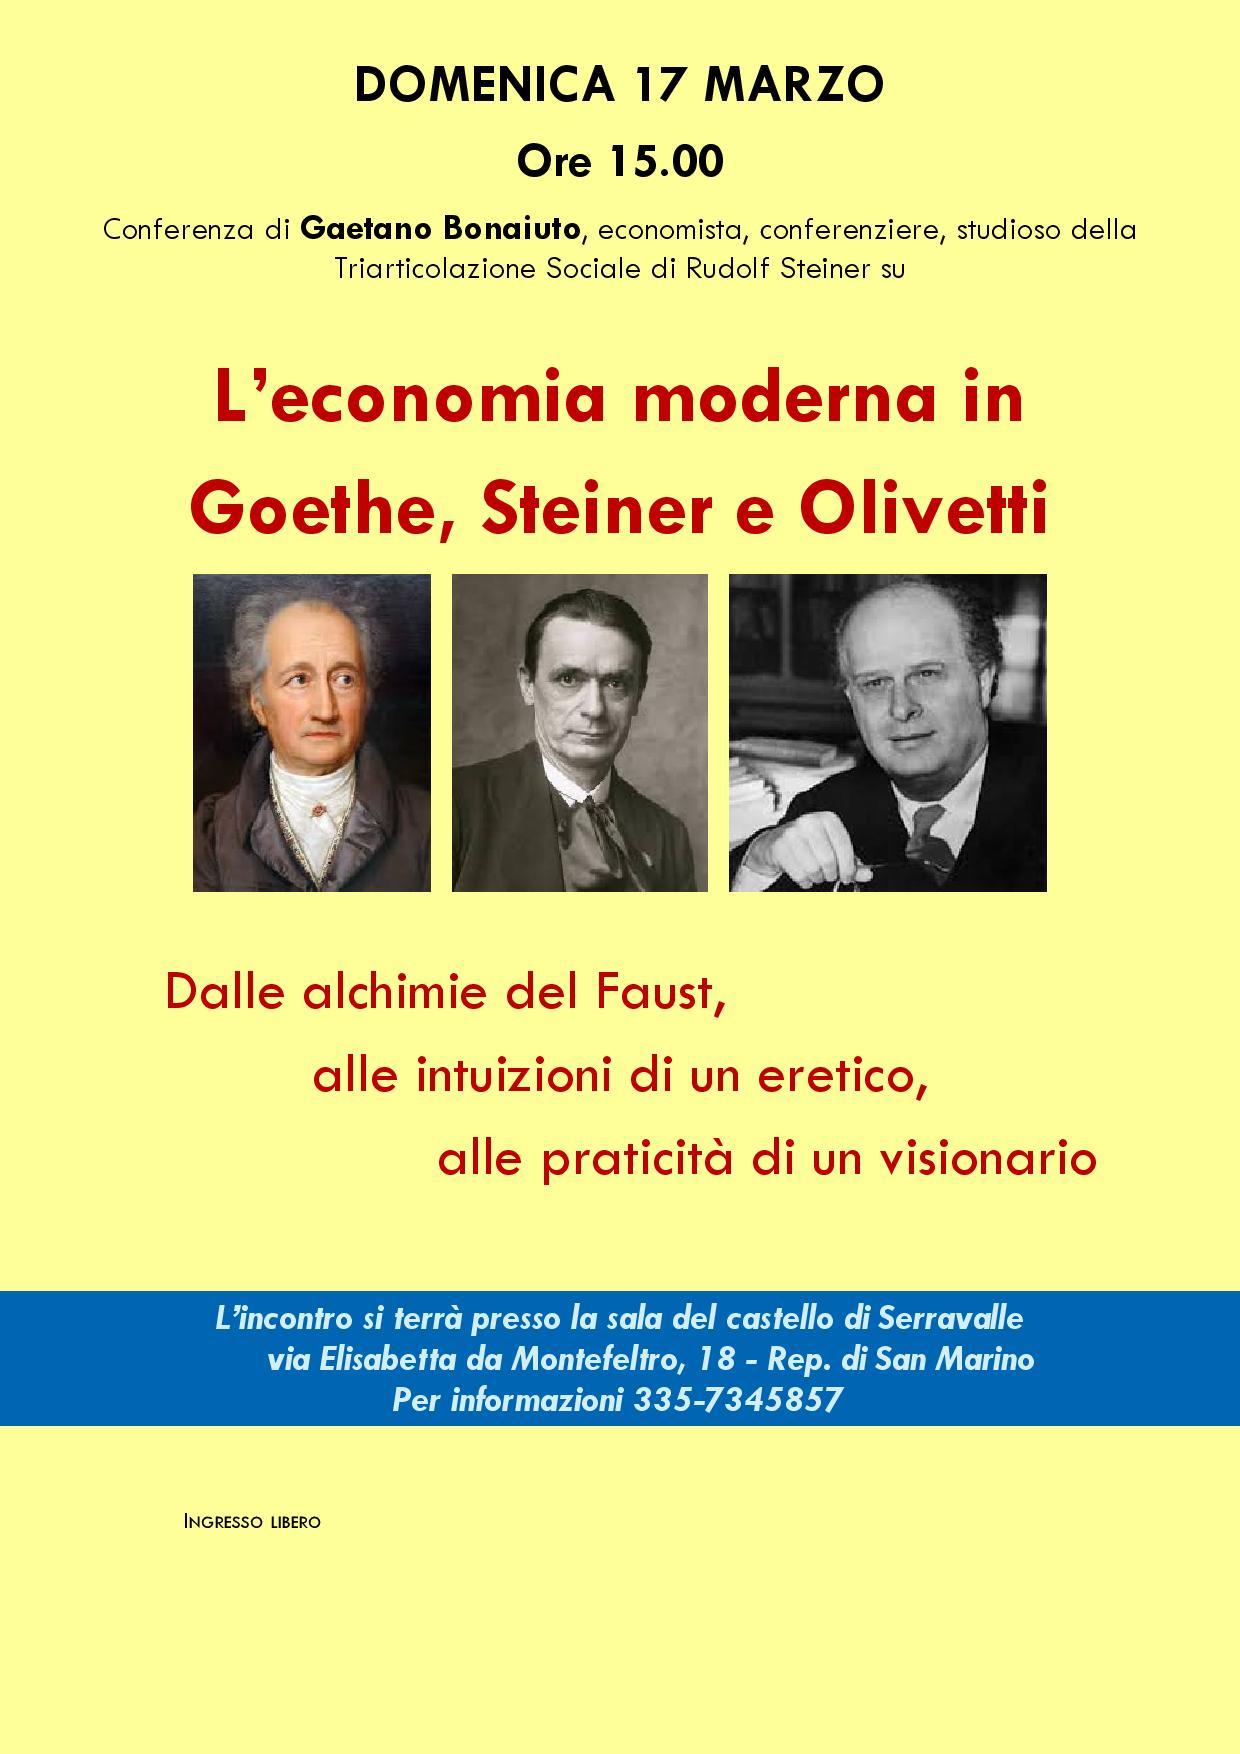 Conferenza di Gaetano Bonaiuto a Serravalle